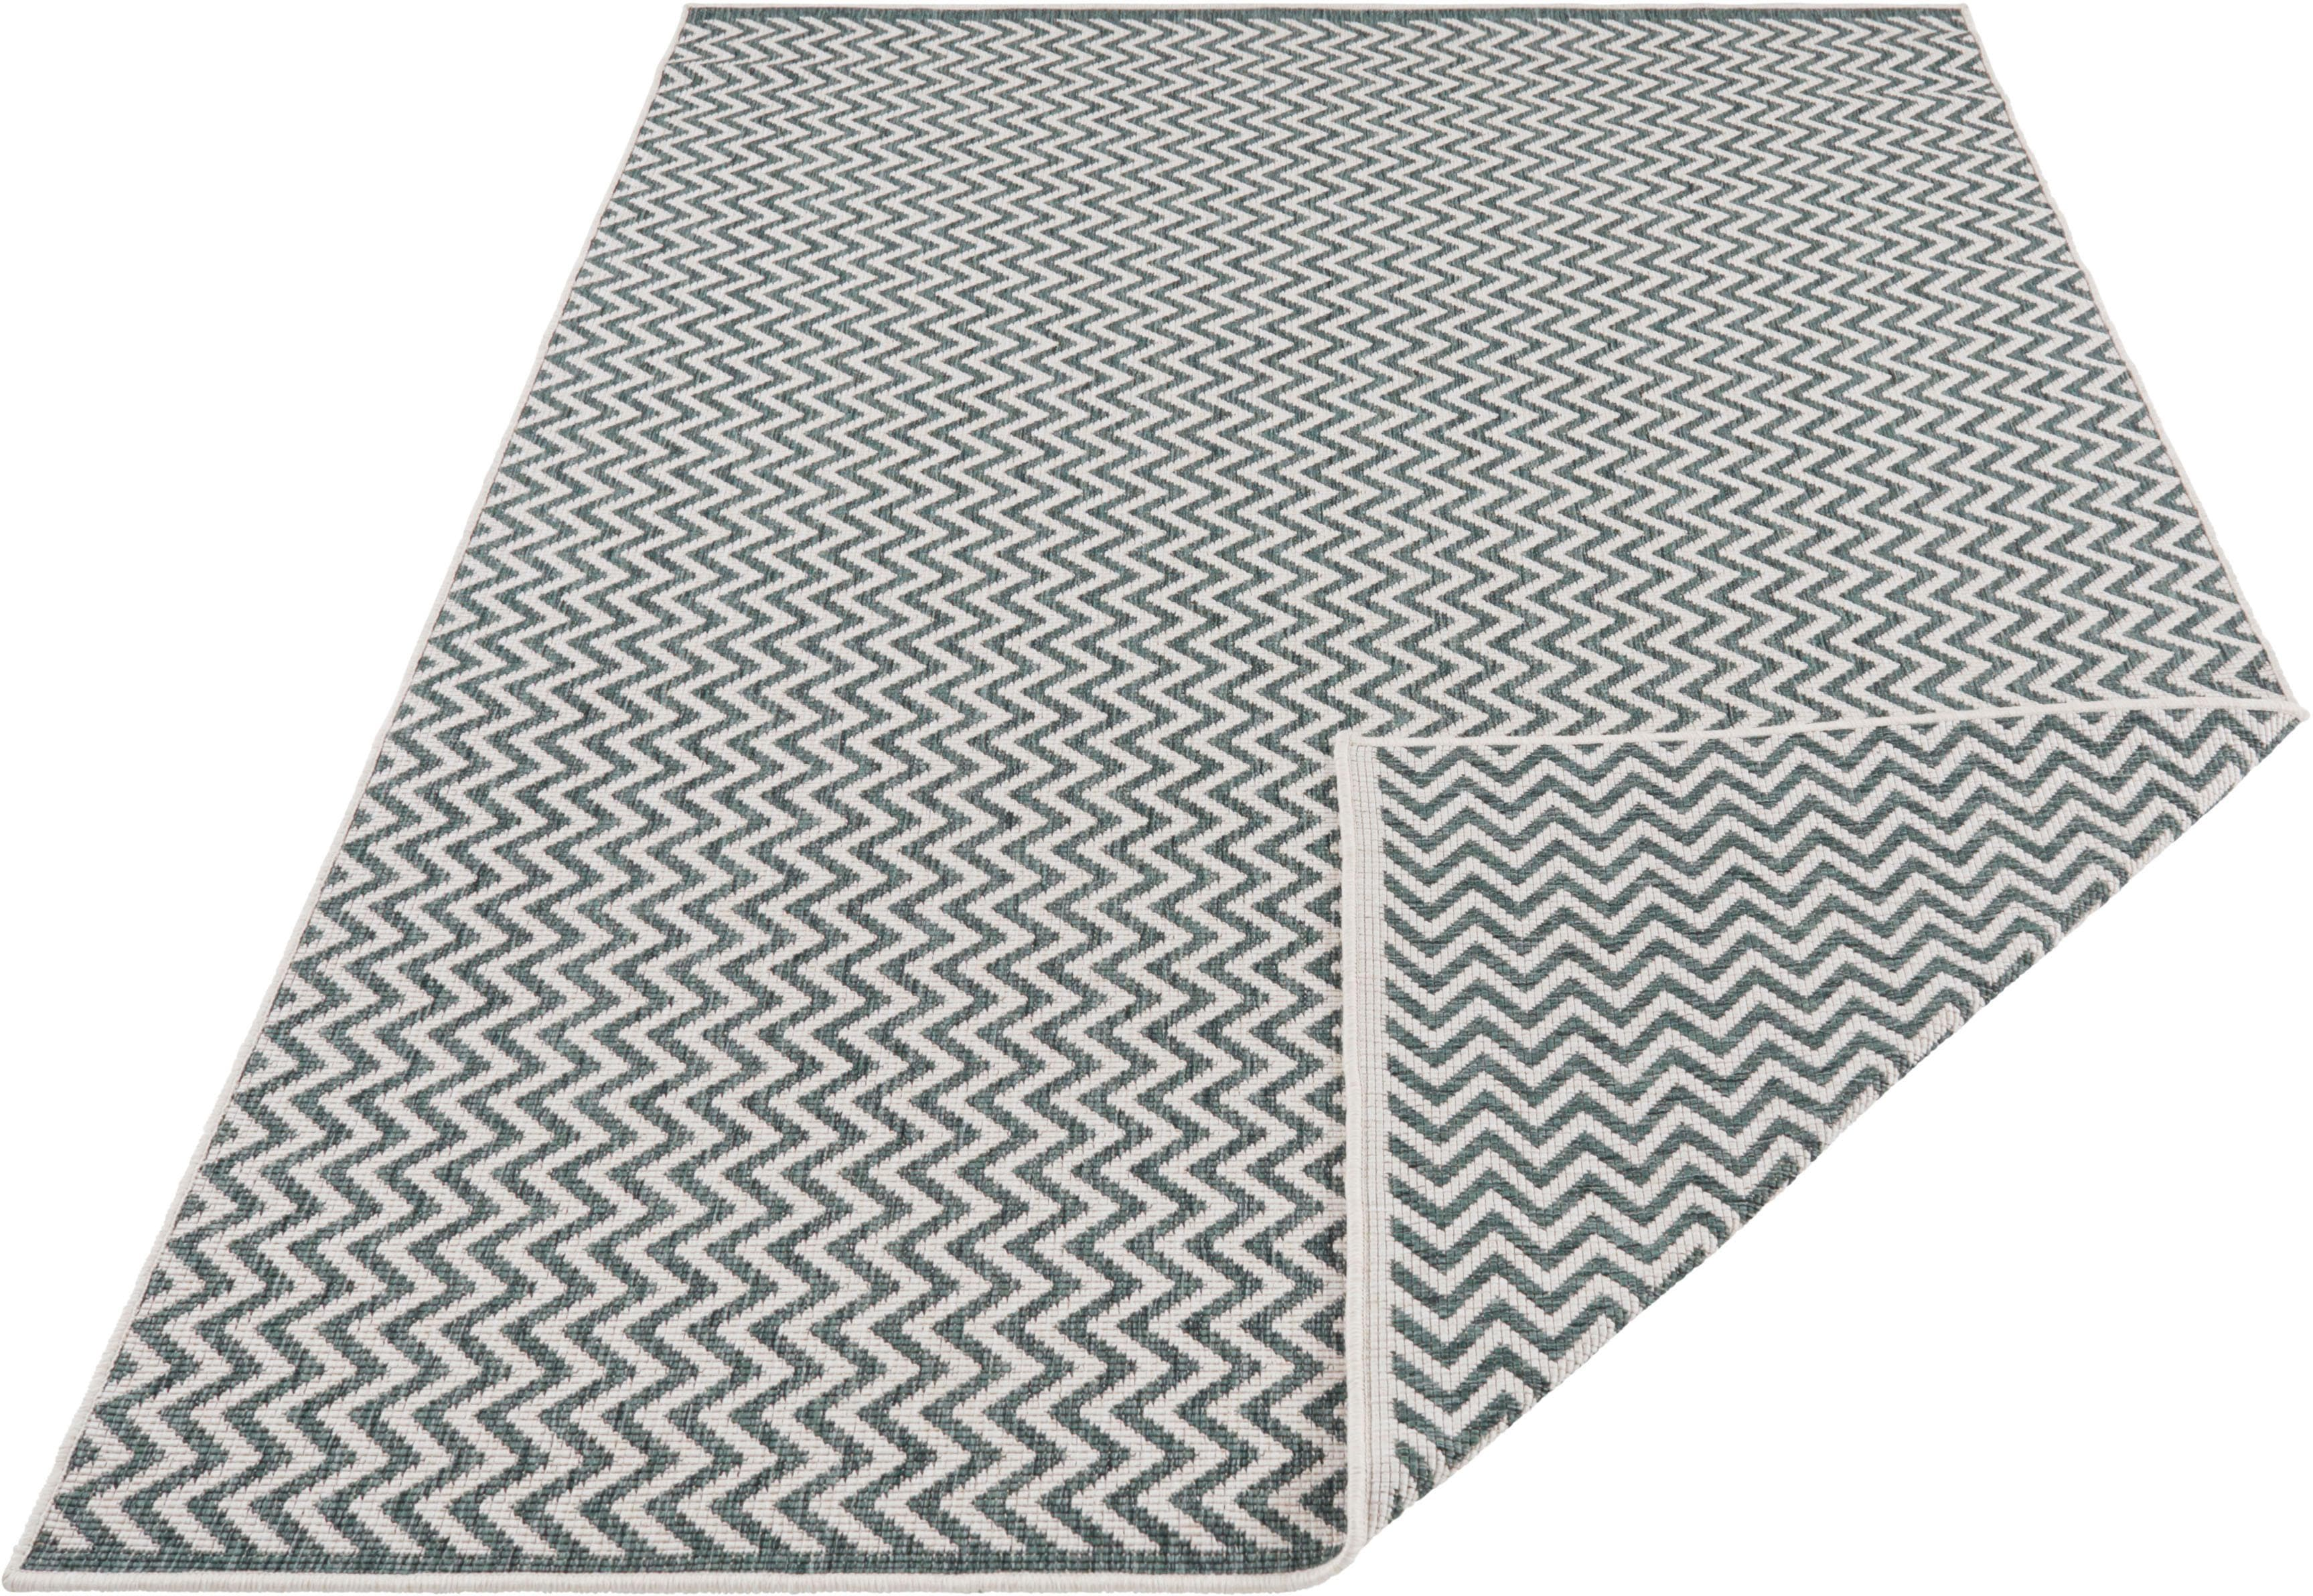 Teppich Ivy 2 freundin Home Collection rechteckig Höhe 5 mm maschinell gewebt